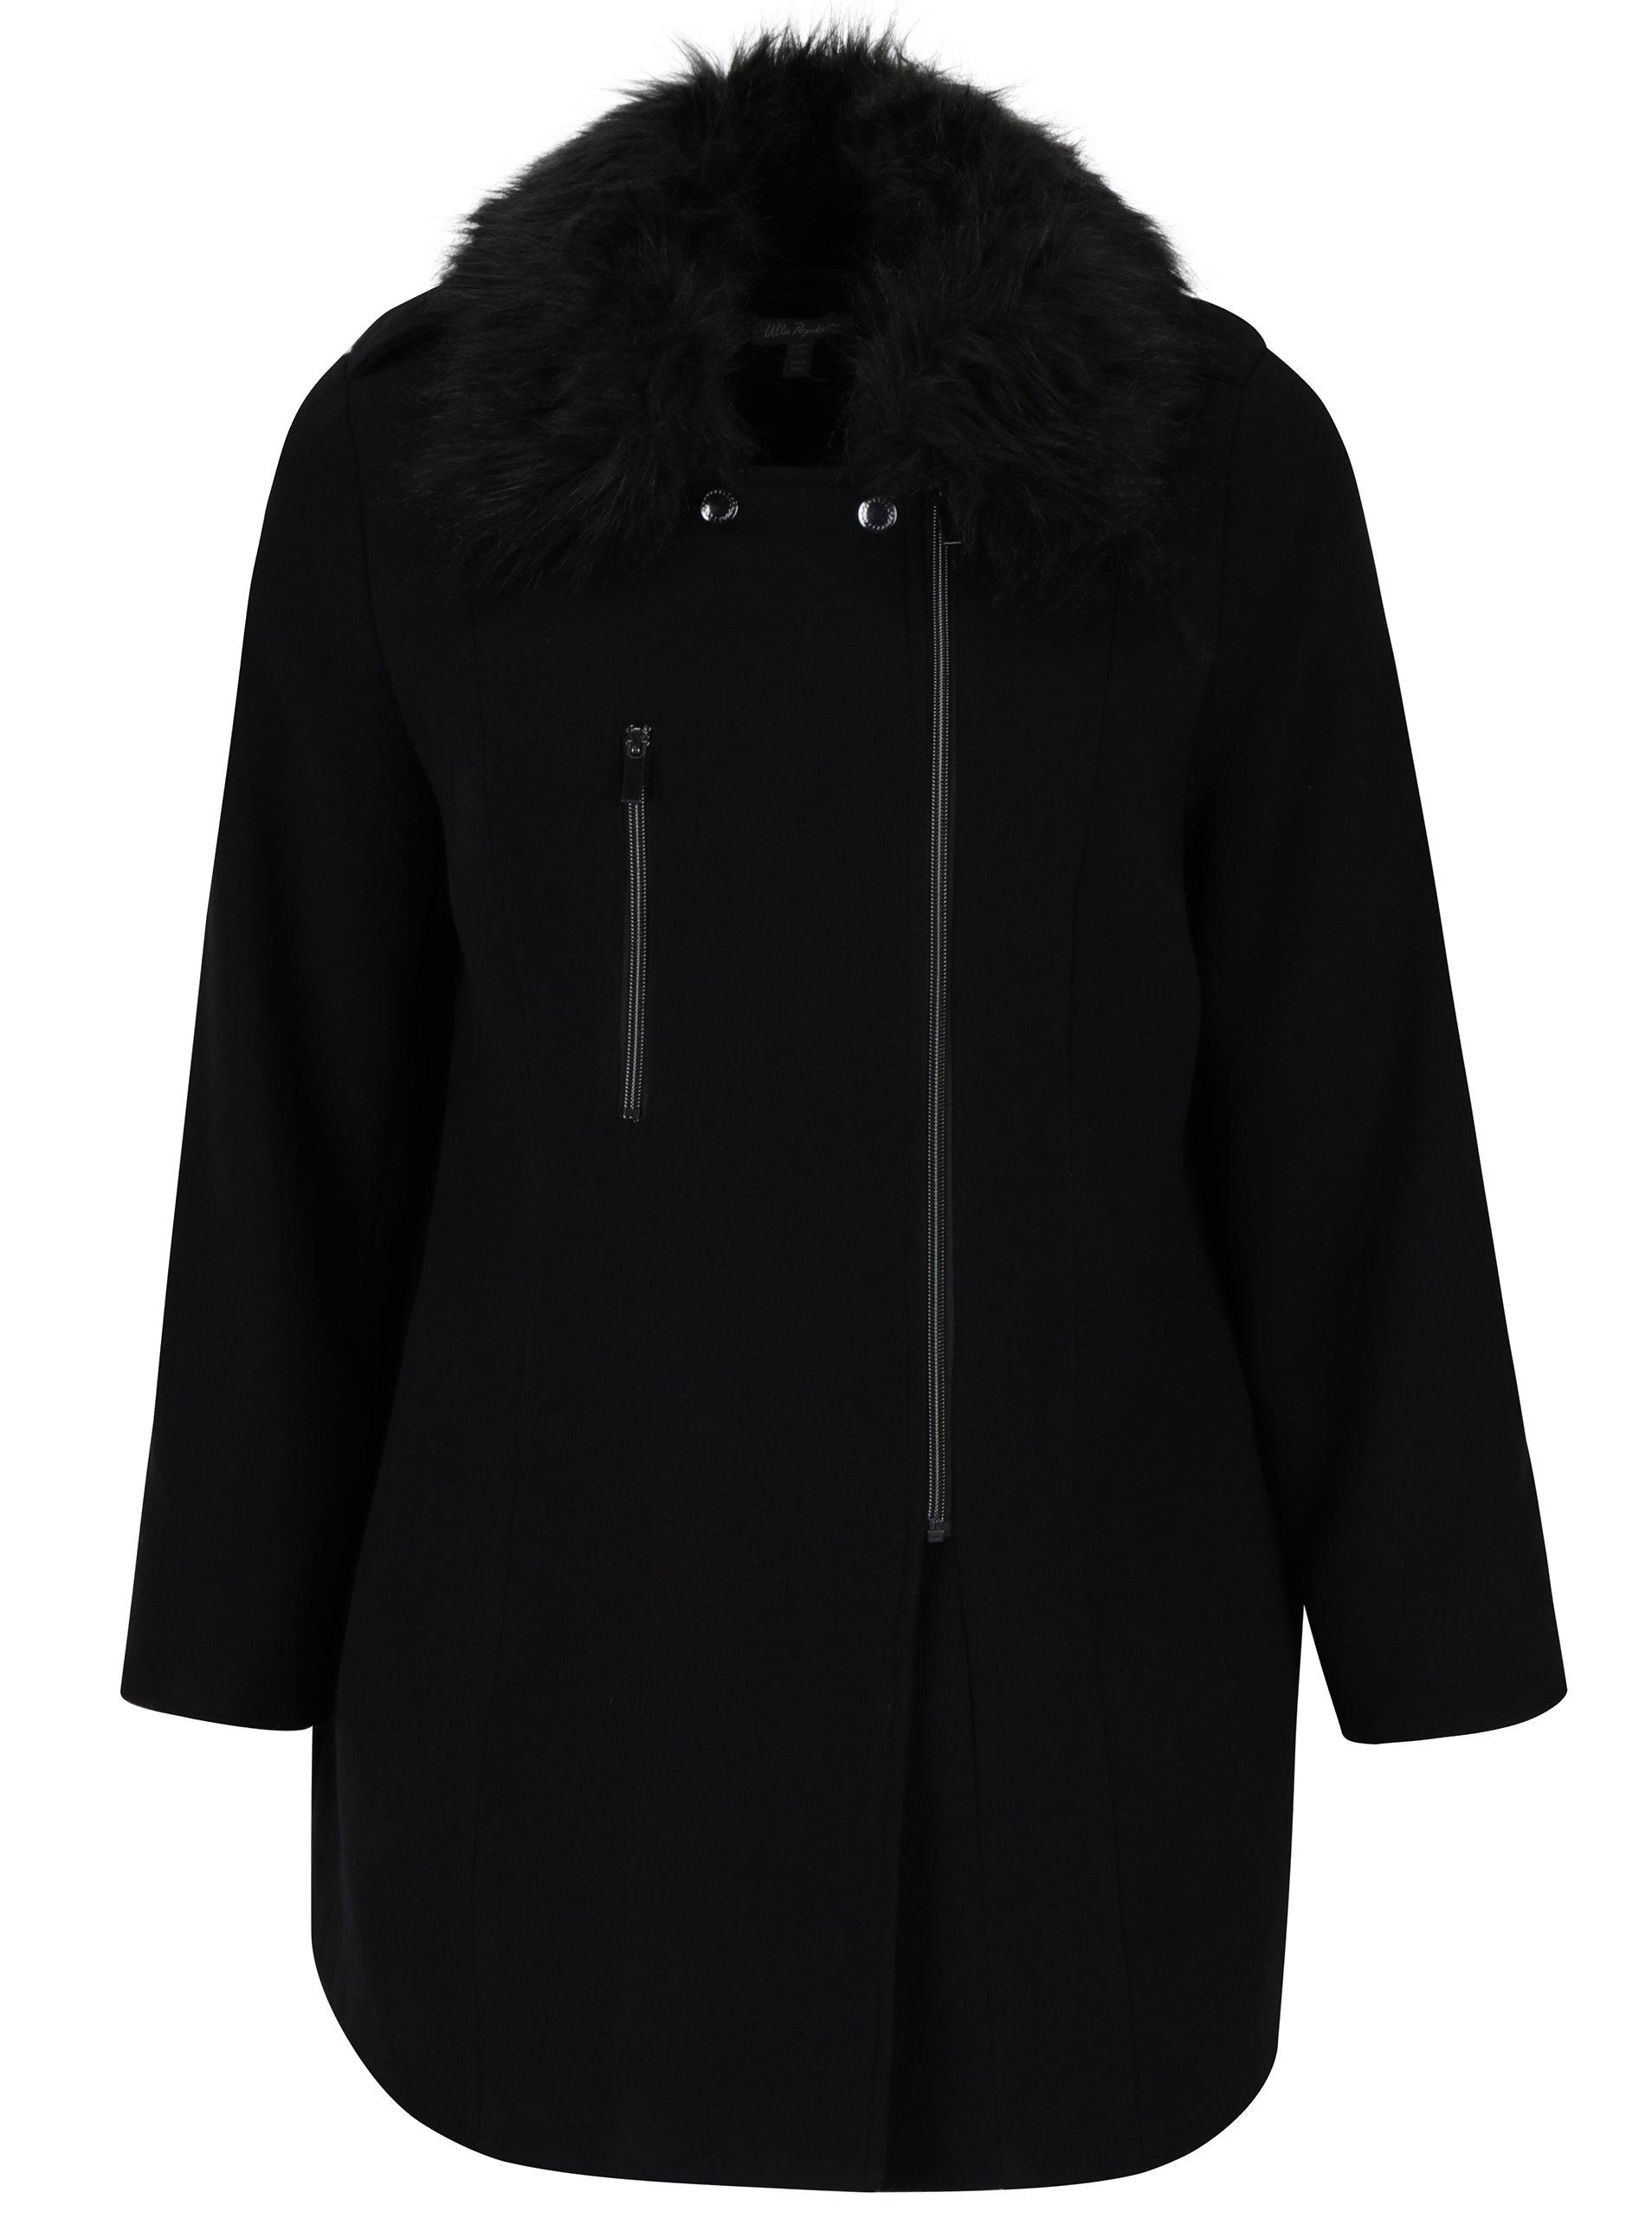 Černý kabát s umělým kožíškem Ulla Popken